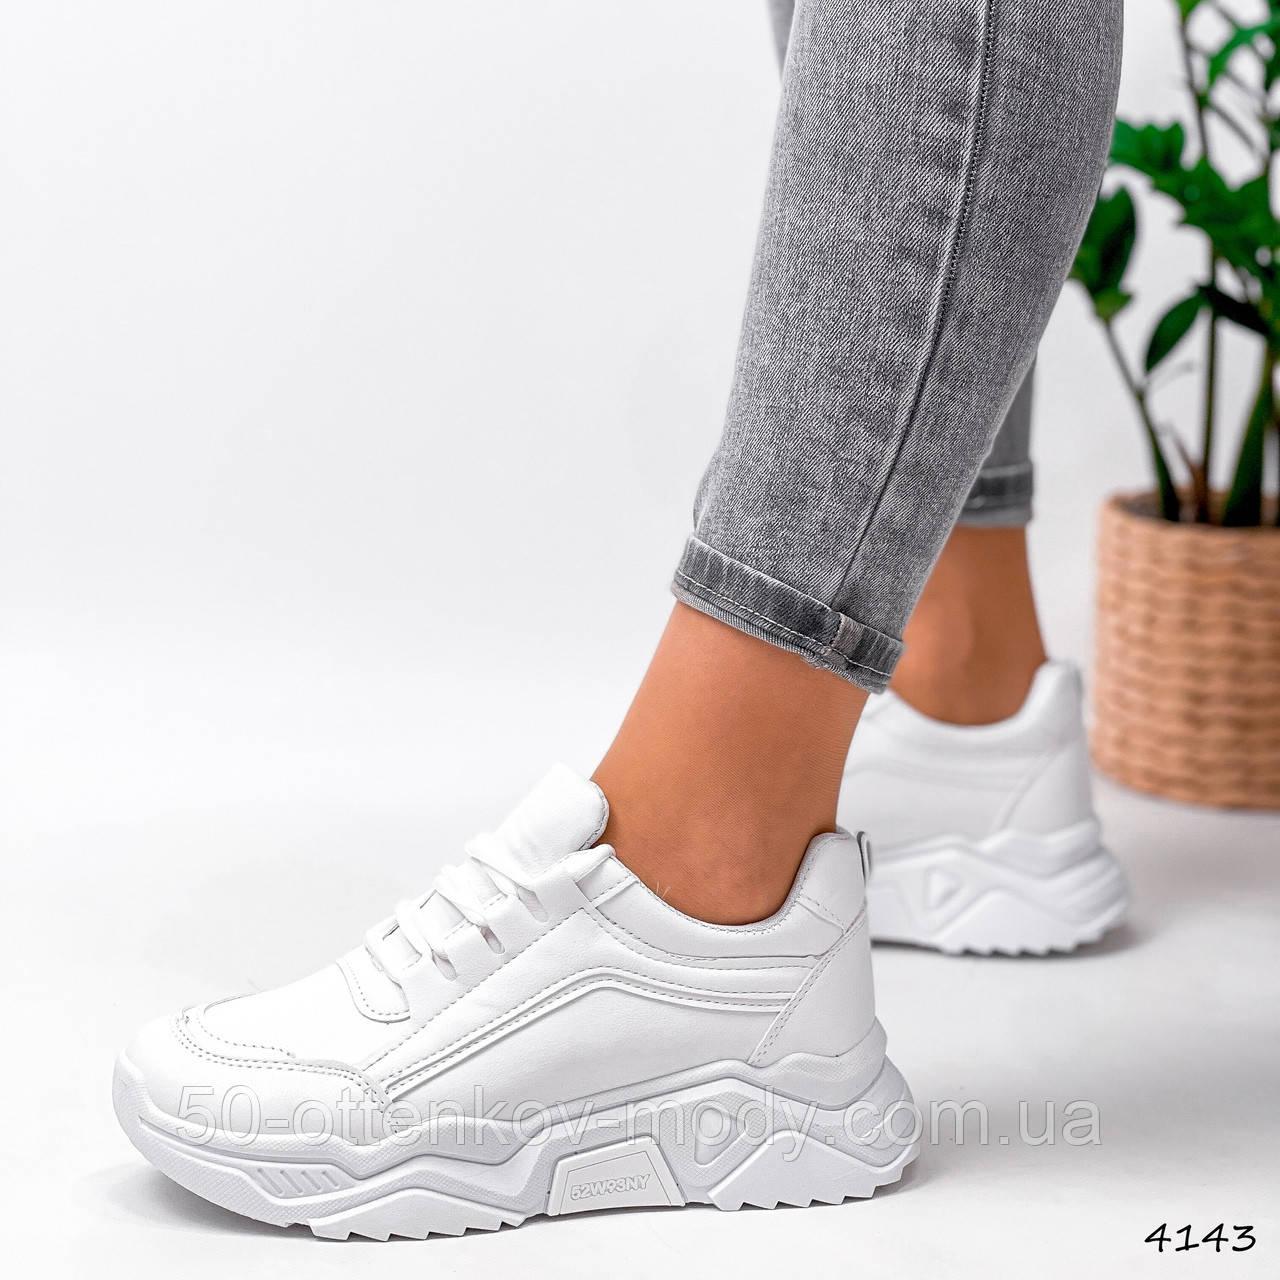 Жіночі кросівки на масивній підошві білі Jintu Sports